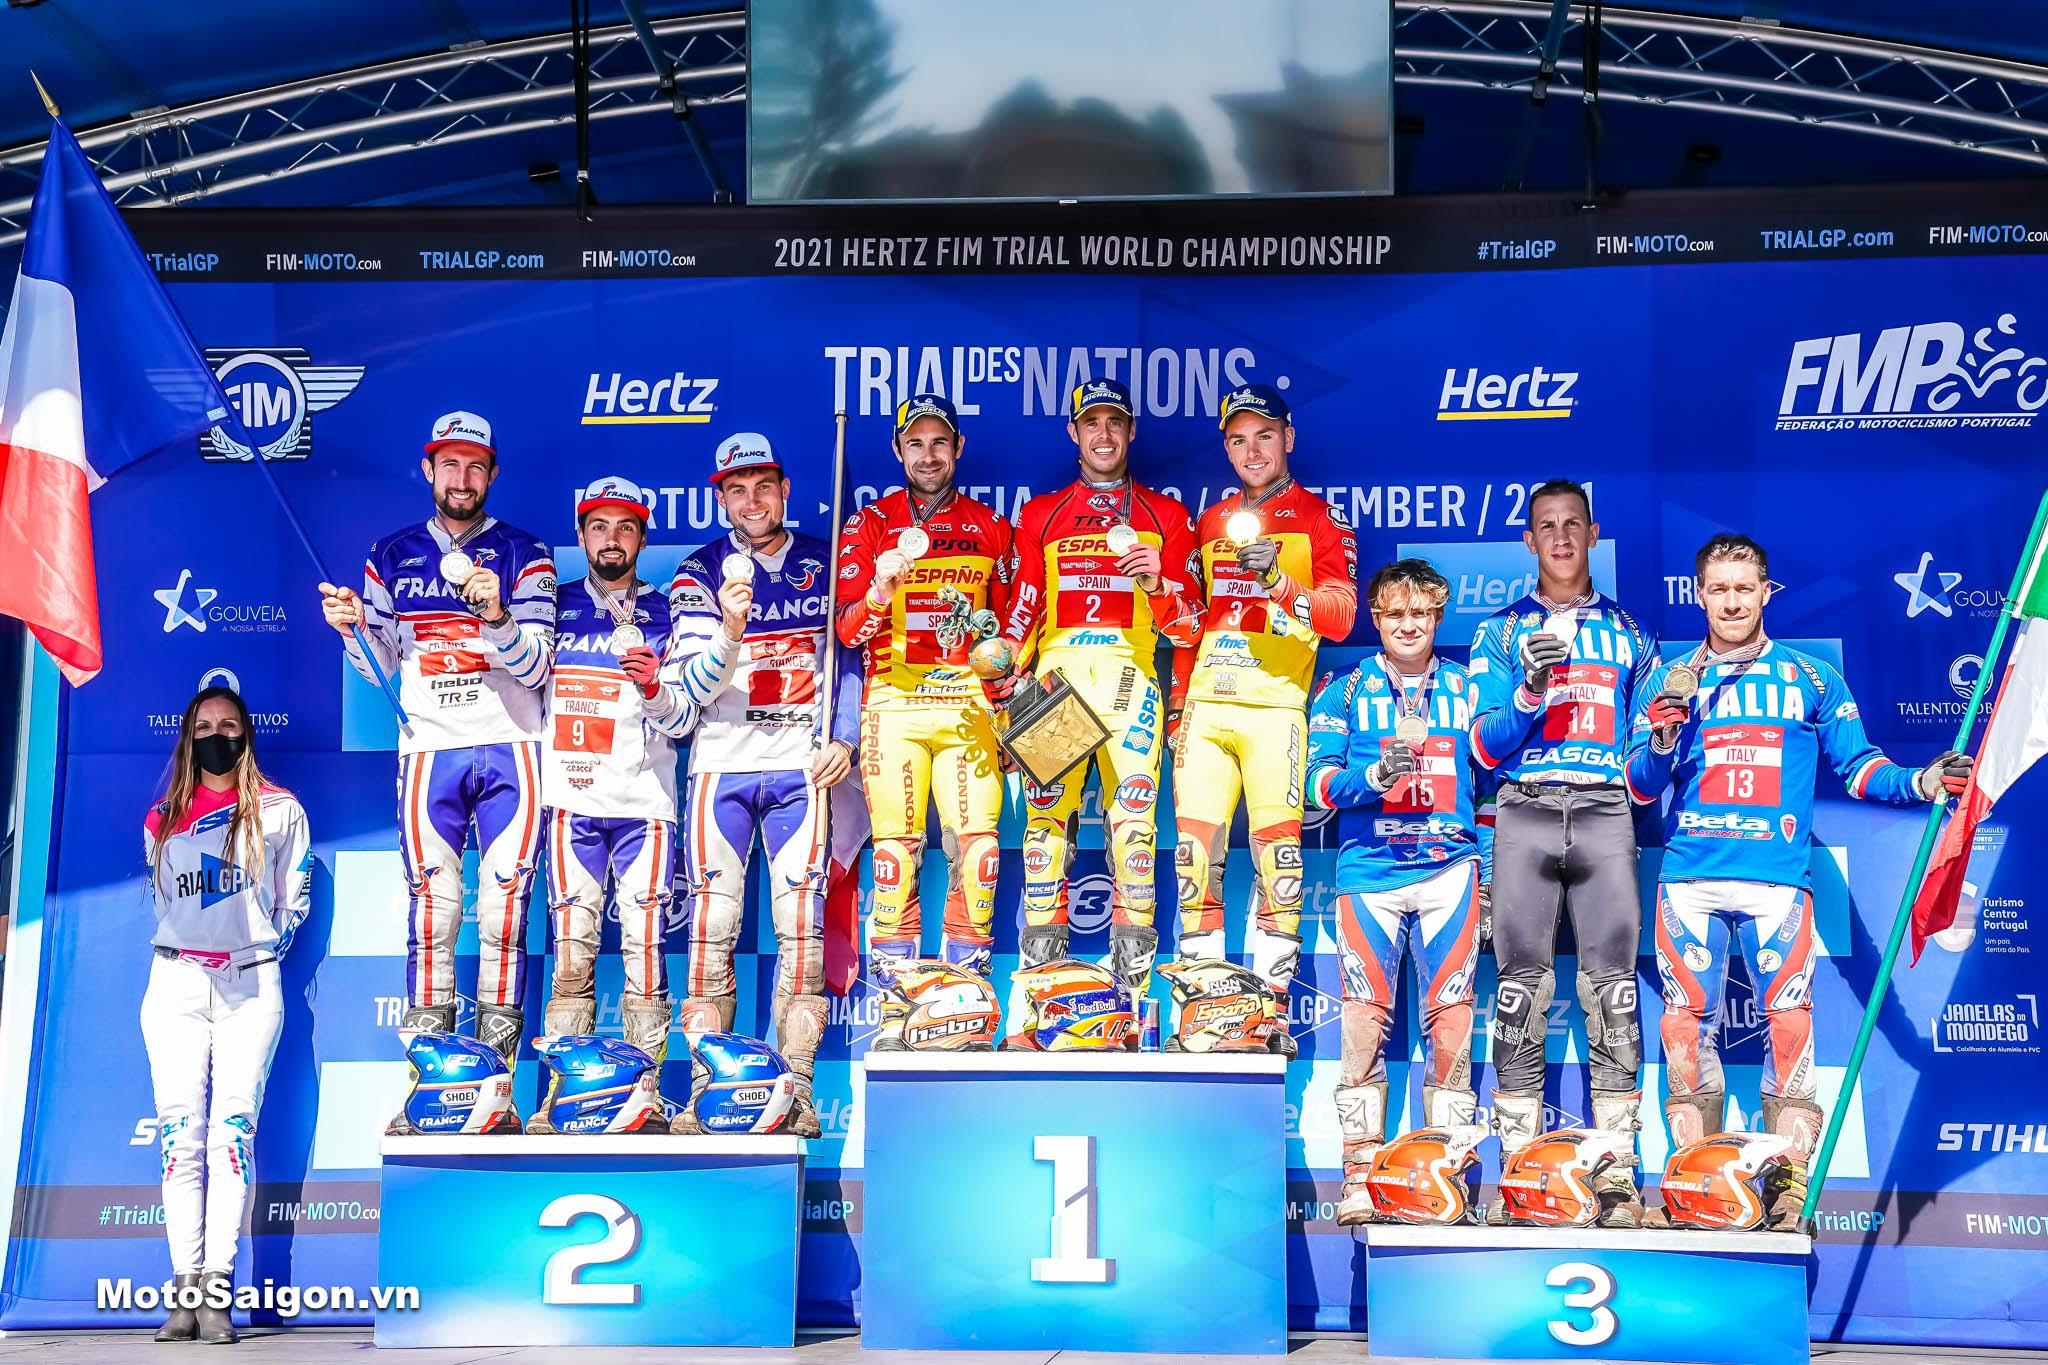 TrialGP_HRC team vô địch